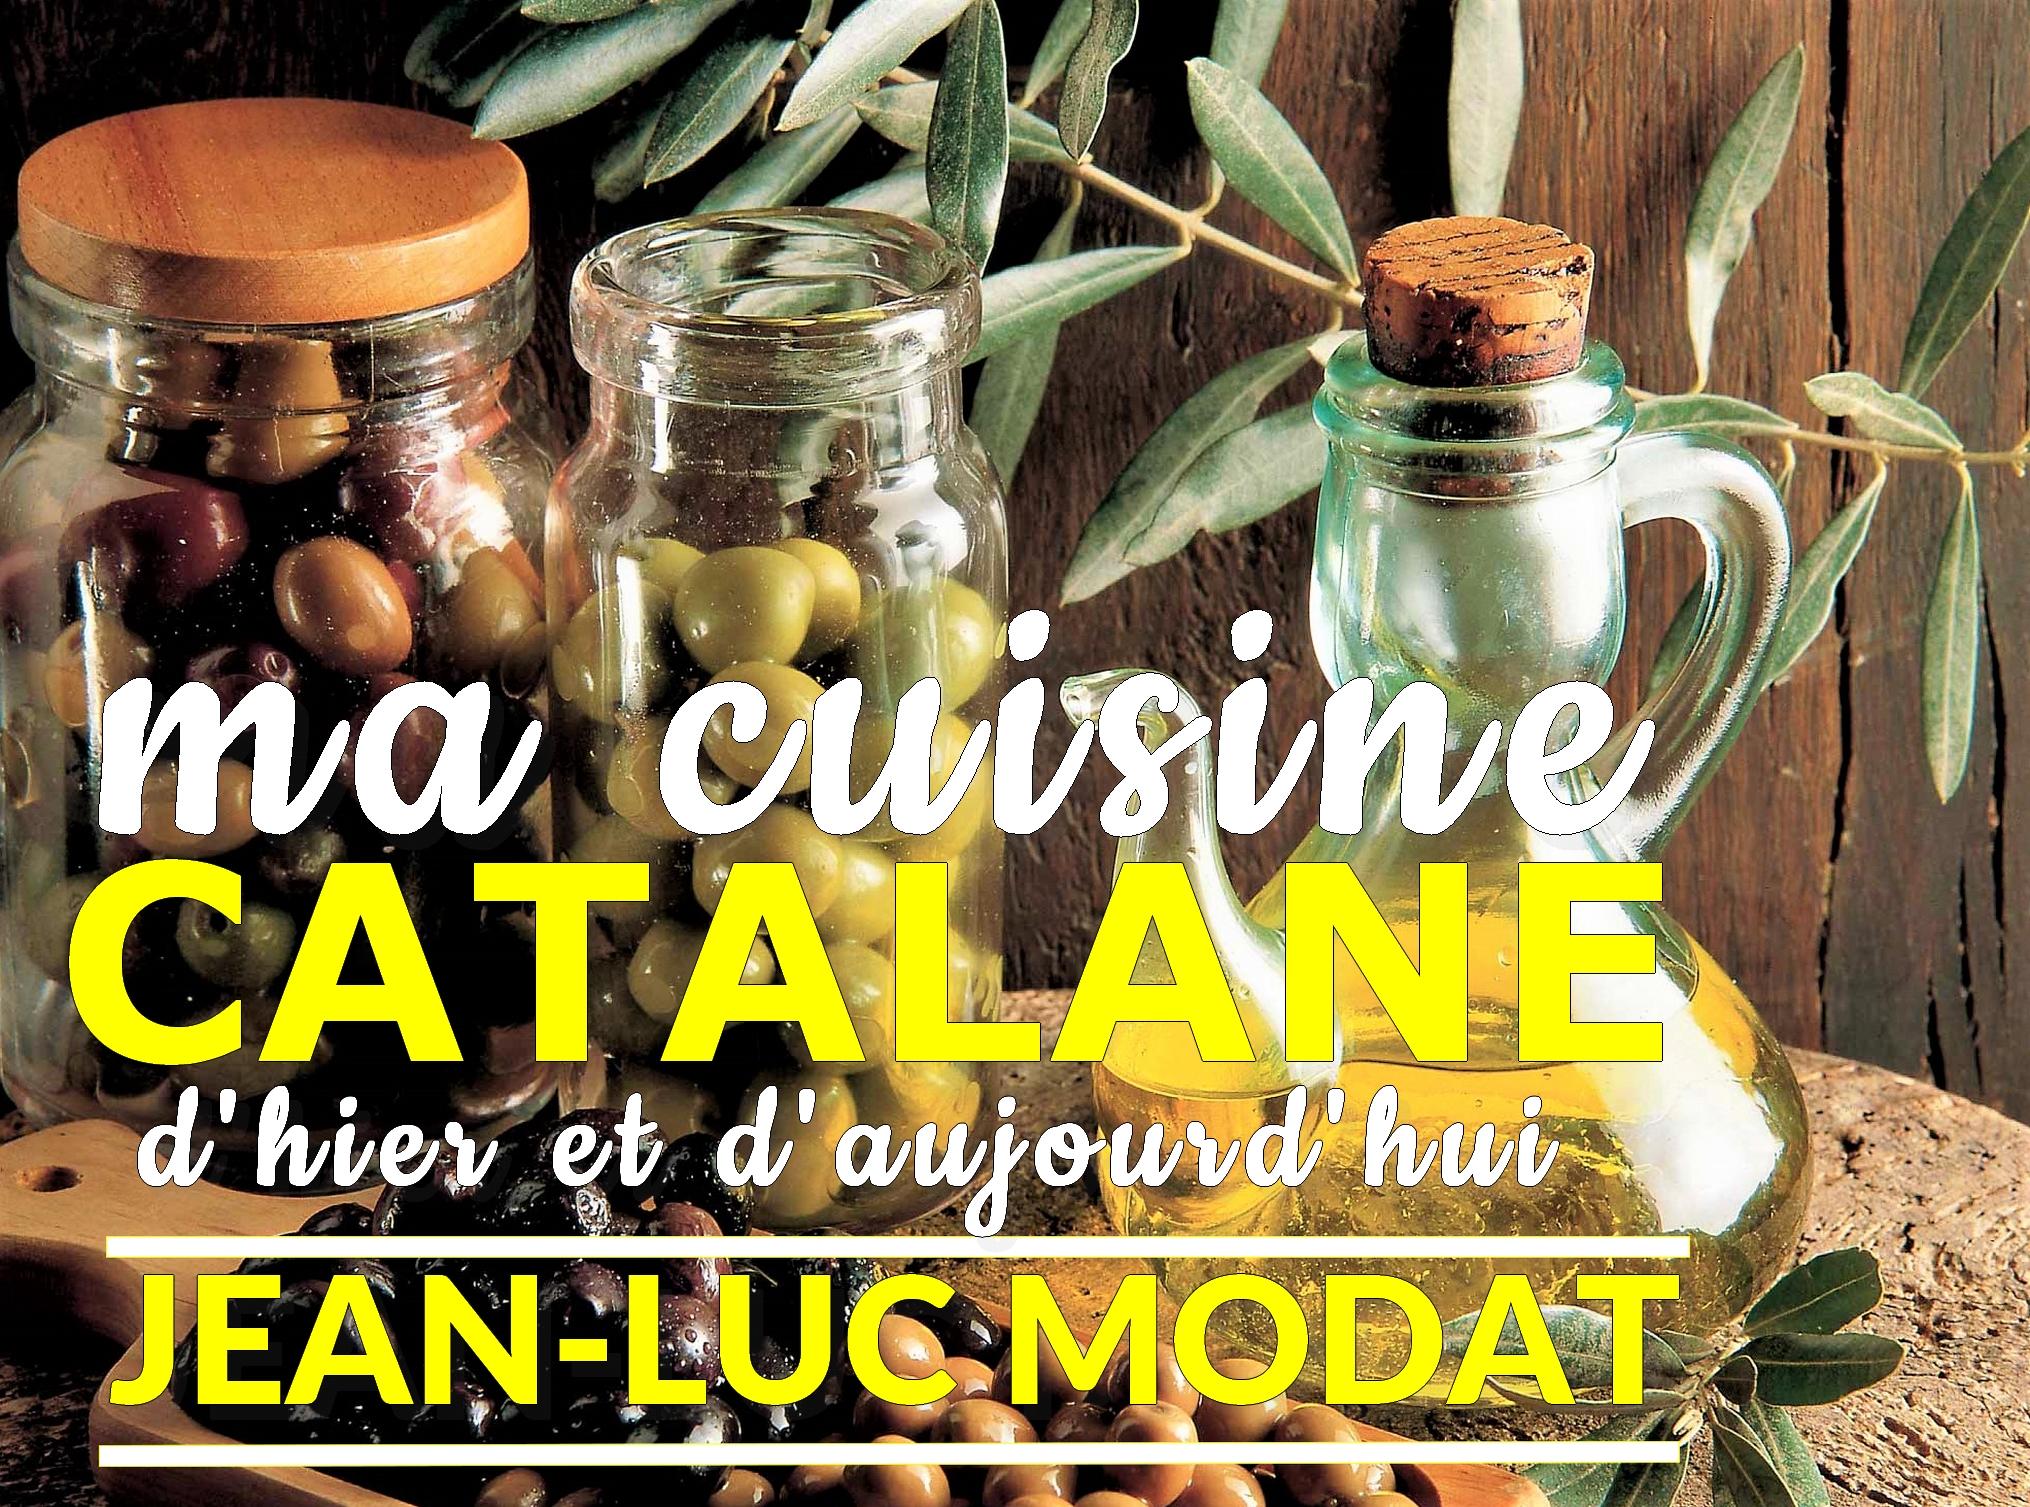 Jean-Luc Modat Ma cuisine catalane d'hier et d'aujourd'hui (La Gazette Catalane.com)